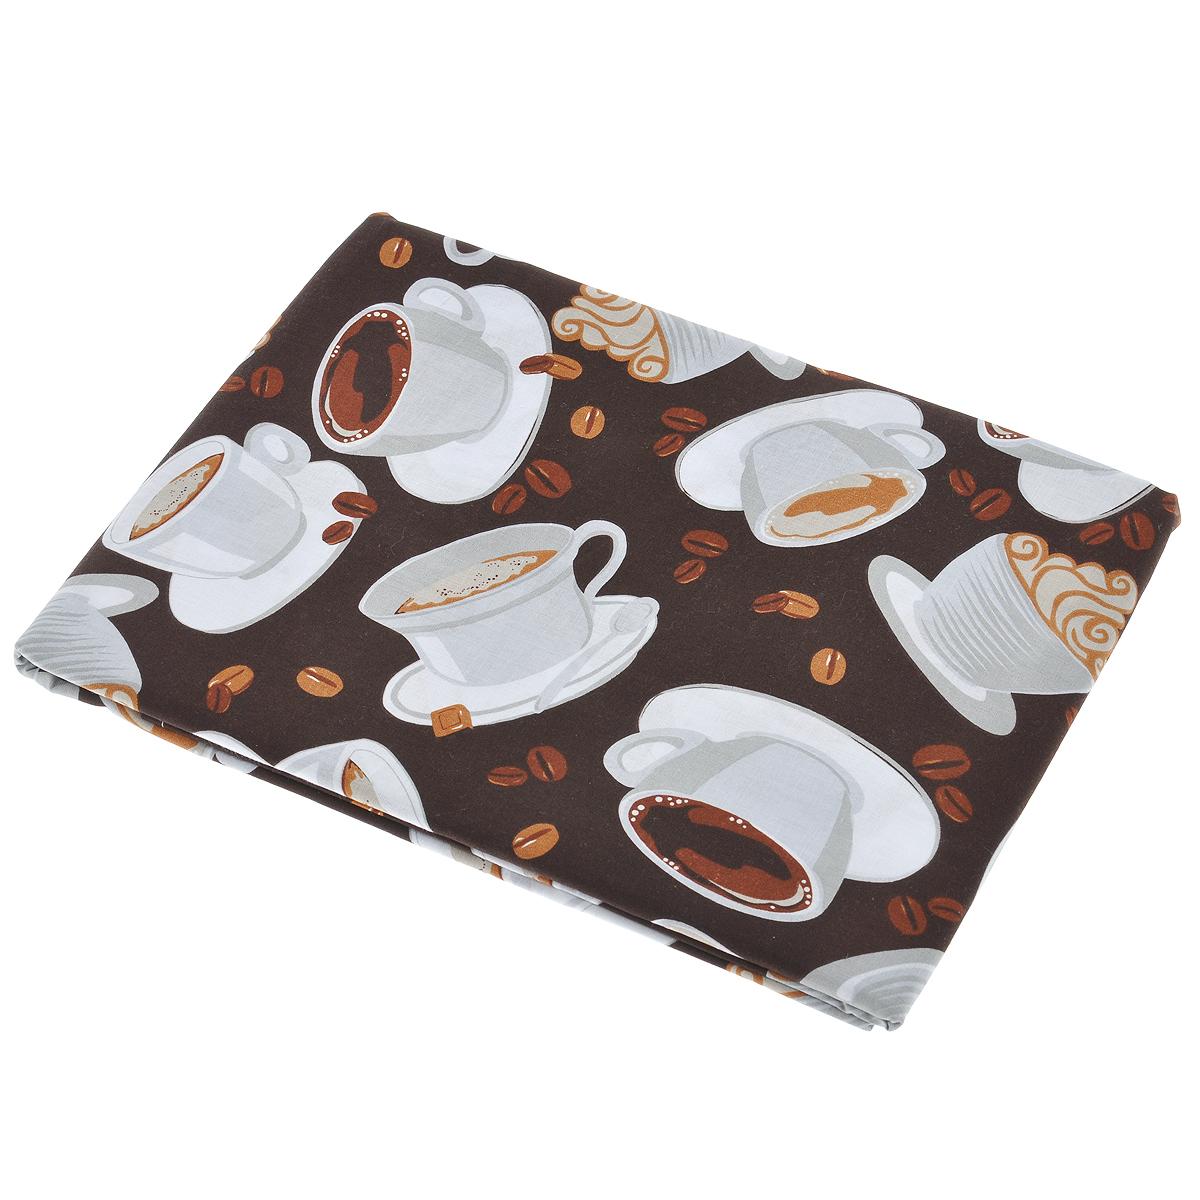 Скатерть House & Holder Чашка кофе, прямоугольная, 140x 180 смVT-1520(SR)Скатерть House & Holder Чашка кофе изготовлена из хлопка. Использование такой скатерти сделает застолье более торжественным, поднимет настроение гостей и приятно удивит их вашим изысканным вкусом. Также вы можете использовать эту скатерть для повседневной трапезы, превратив каждый прием пищи в волшебный праздник и веселье. Не рекомендуется гладить и стирать в стиральной машине.